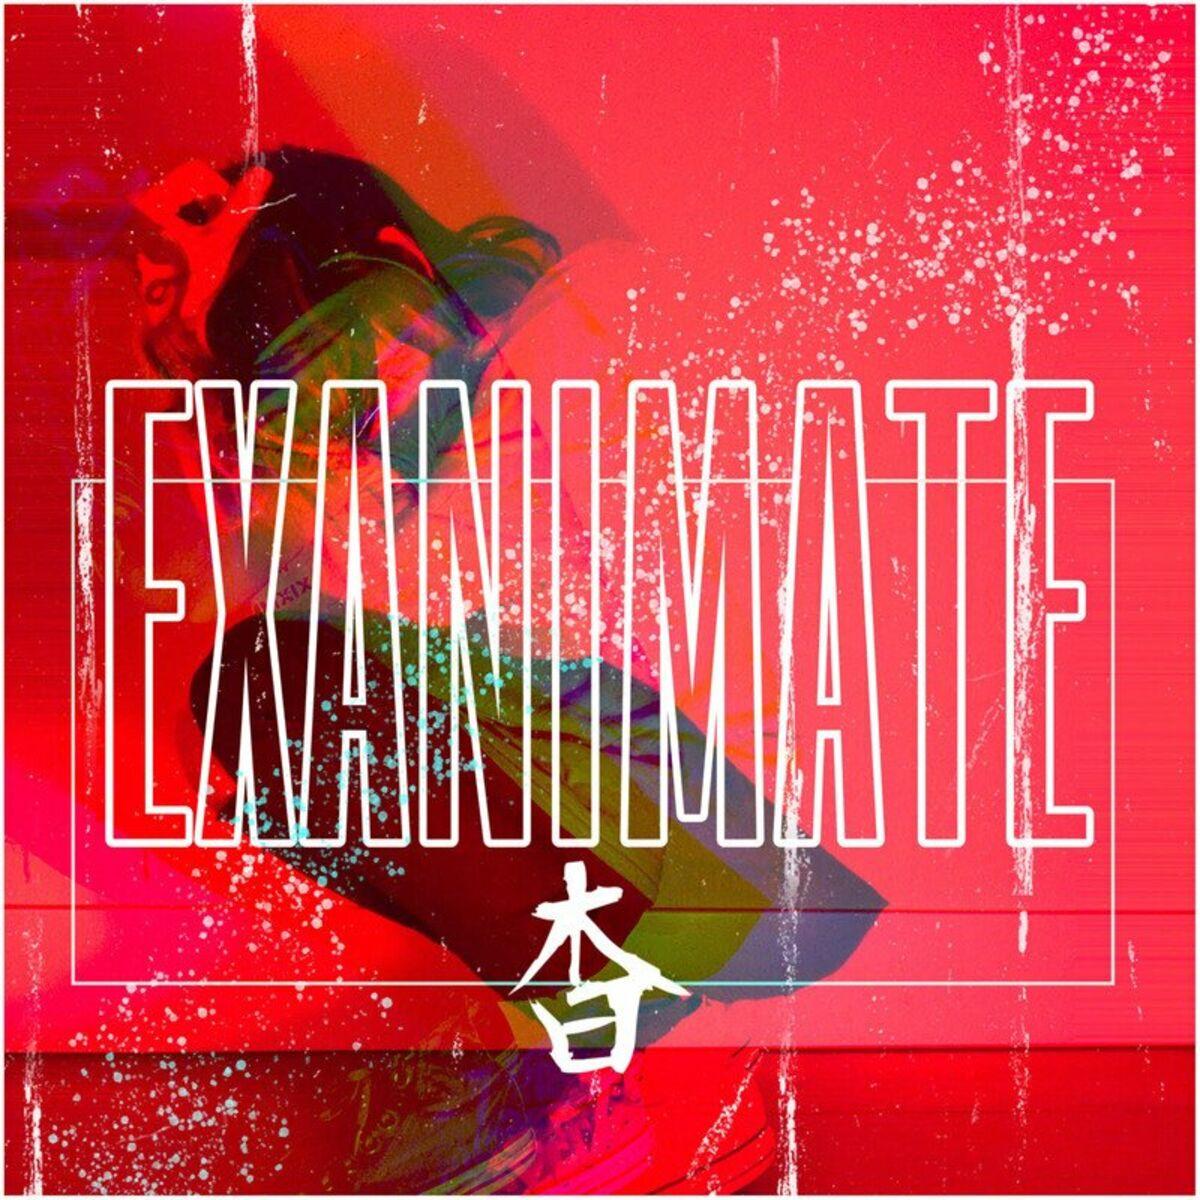 Exanimate - Därknəs [EP] (2020)